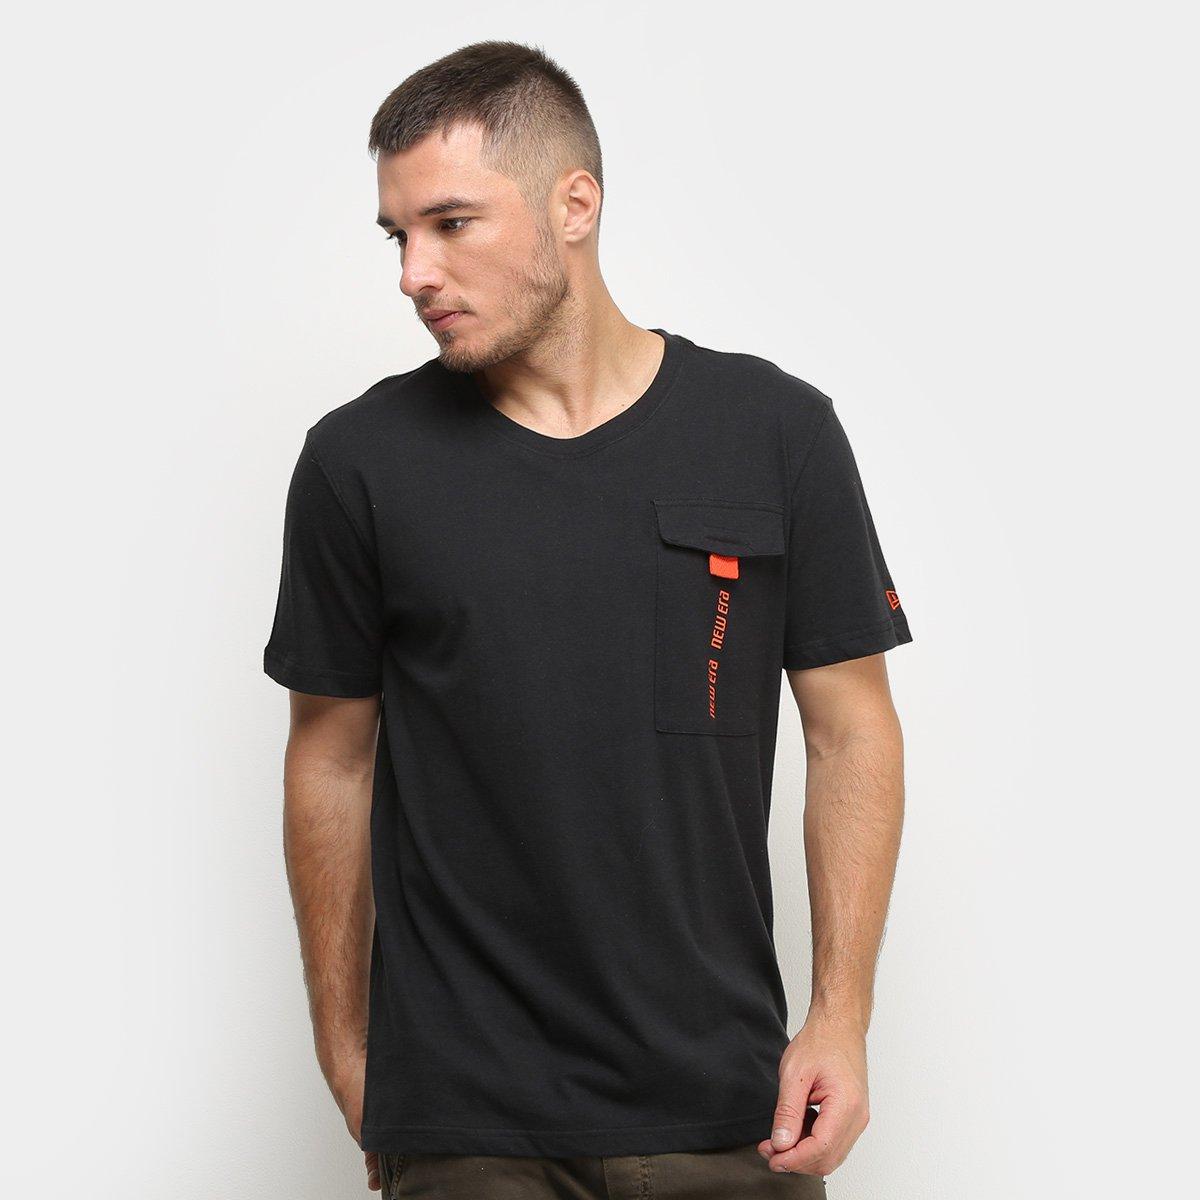 Camiseta New Era Utilitary Pocket Masculina